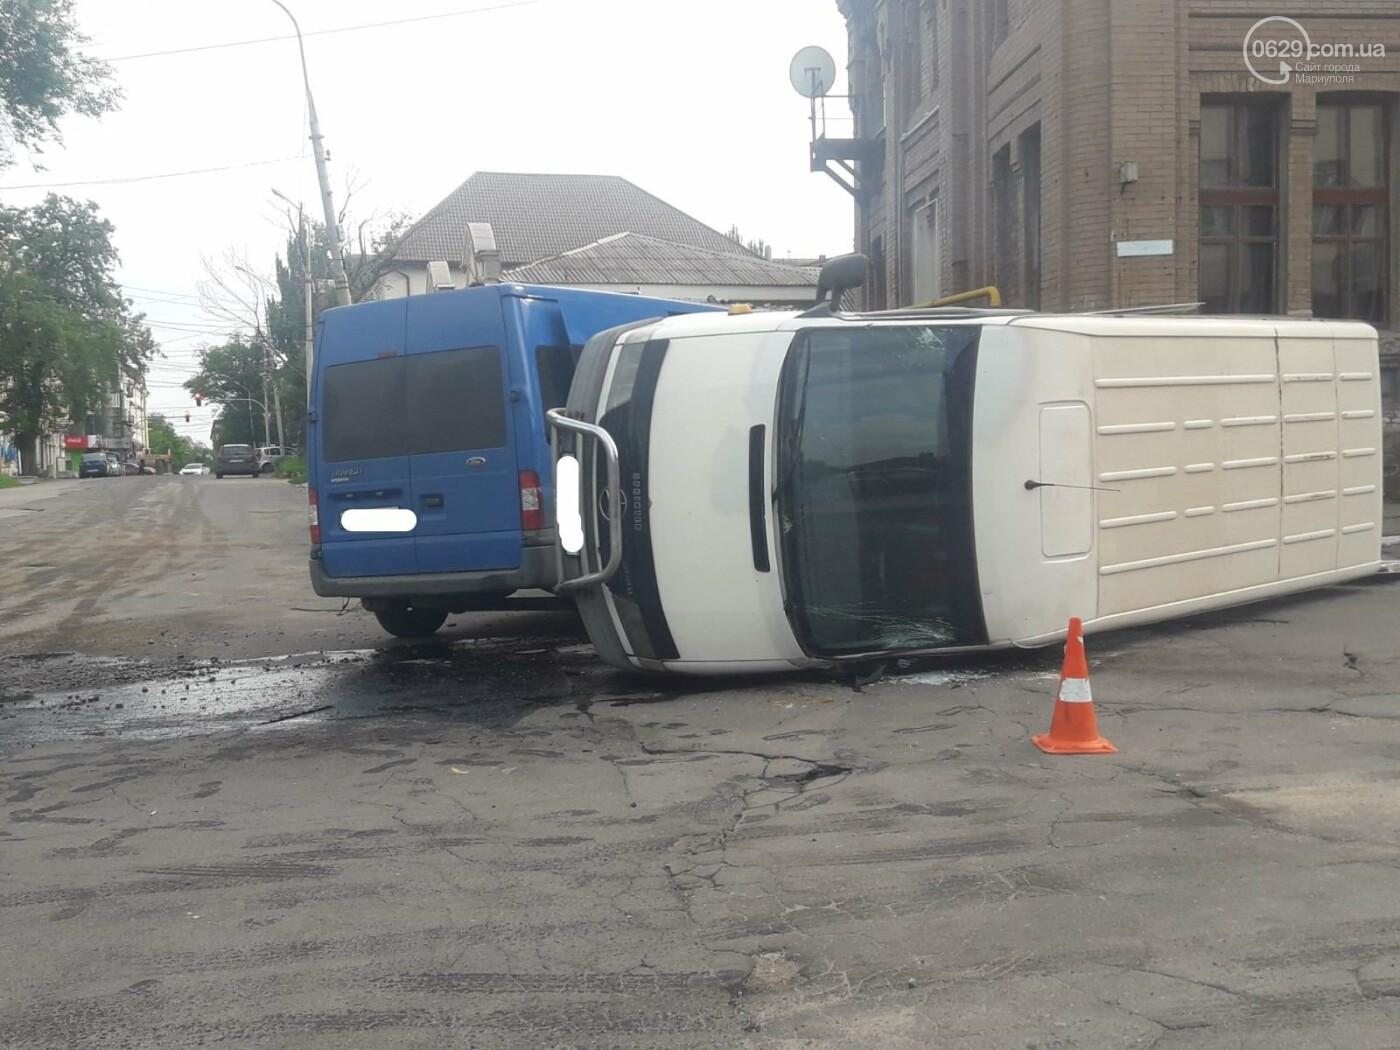 В старой части Мариуполя перевернулся микроавтобус, - ФОТО, фото-6